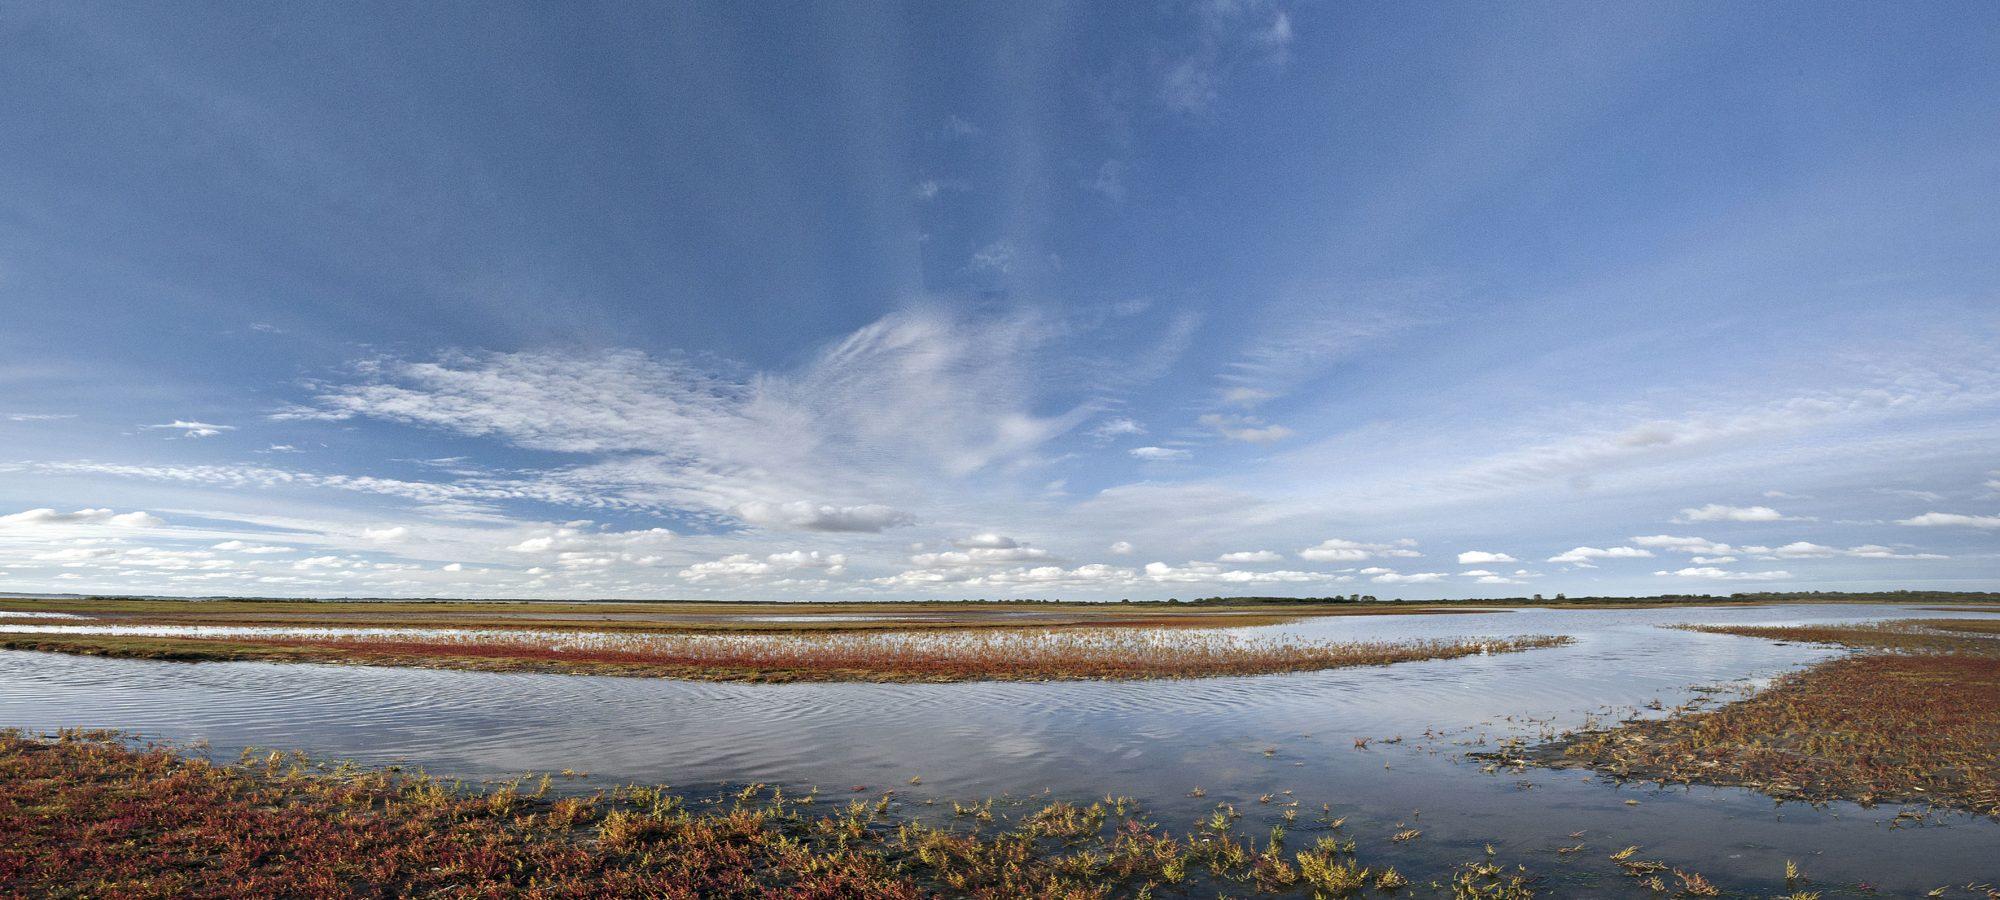 Sommelsdijk